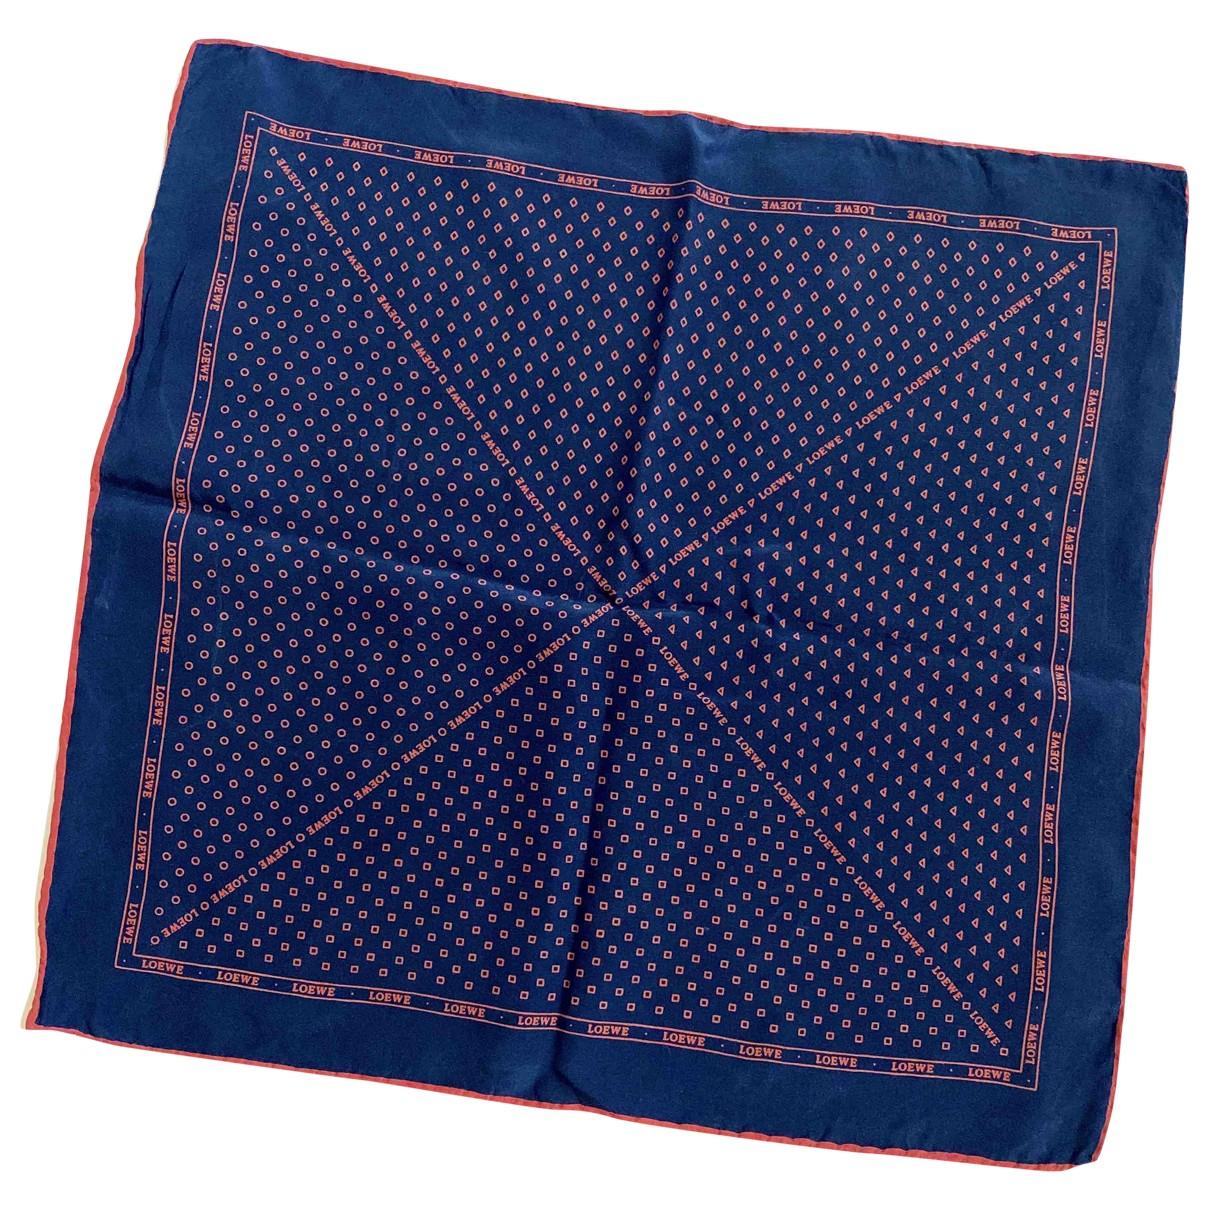 Pañuelo / bufanda de Seda Loewe